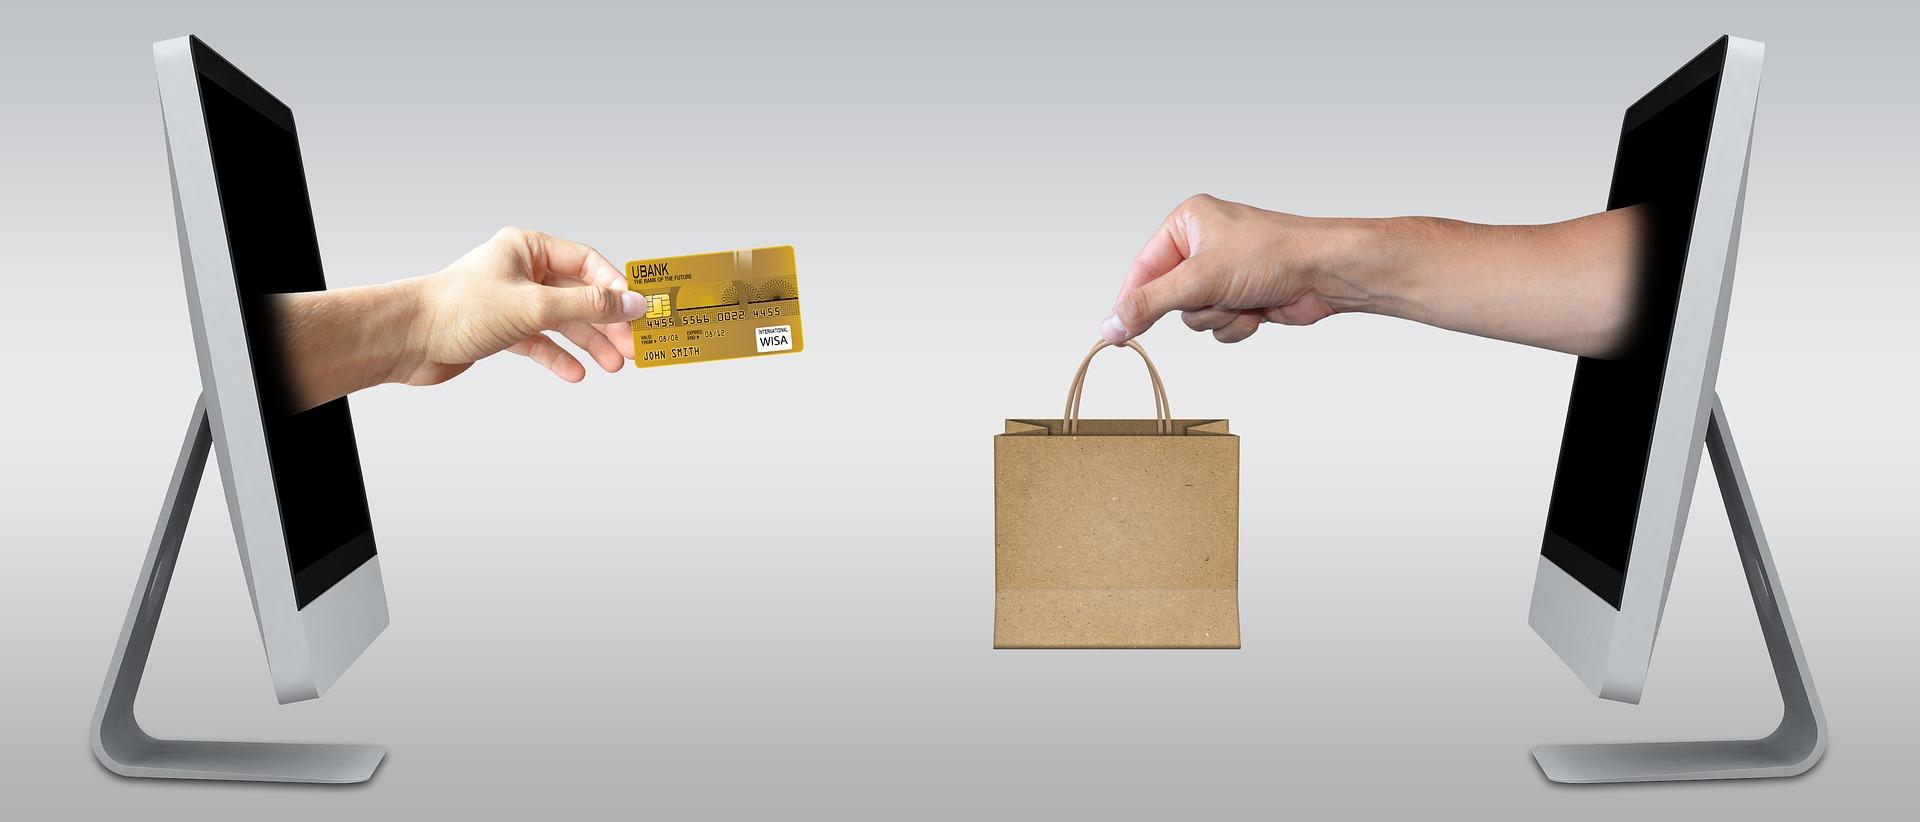 Online kereskedelem a 10 leggyakoribb hiba keresőoptimalizáláskor